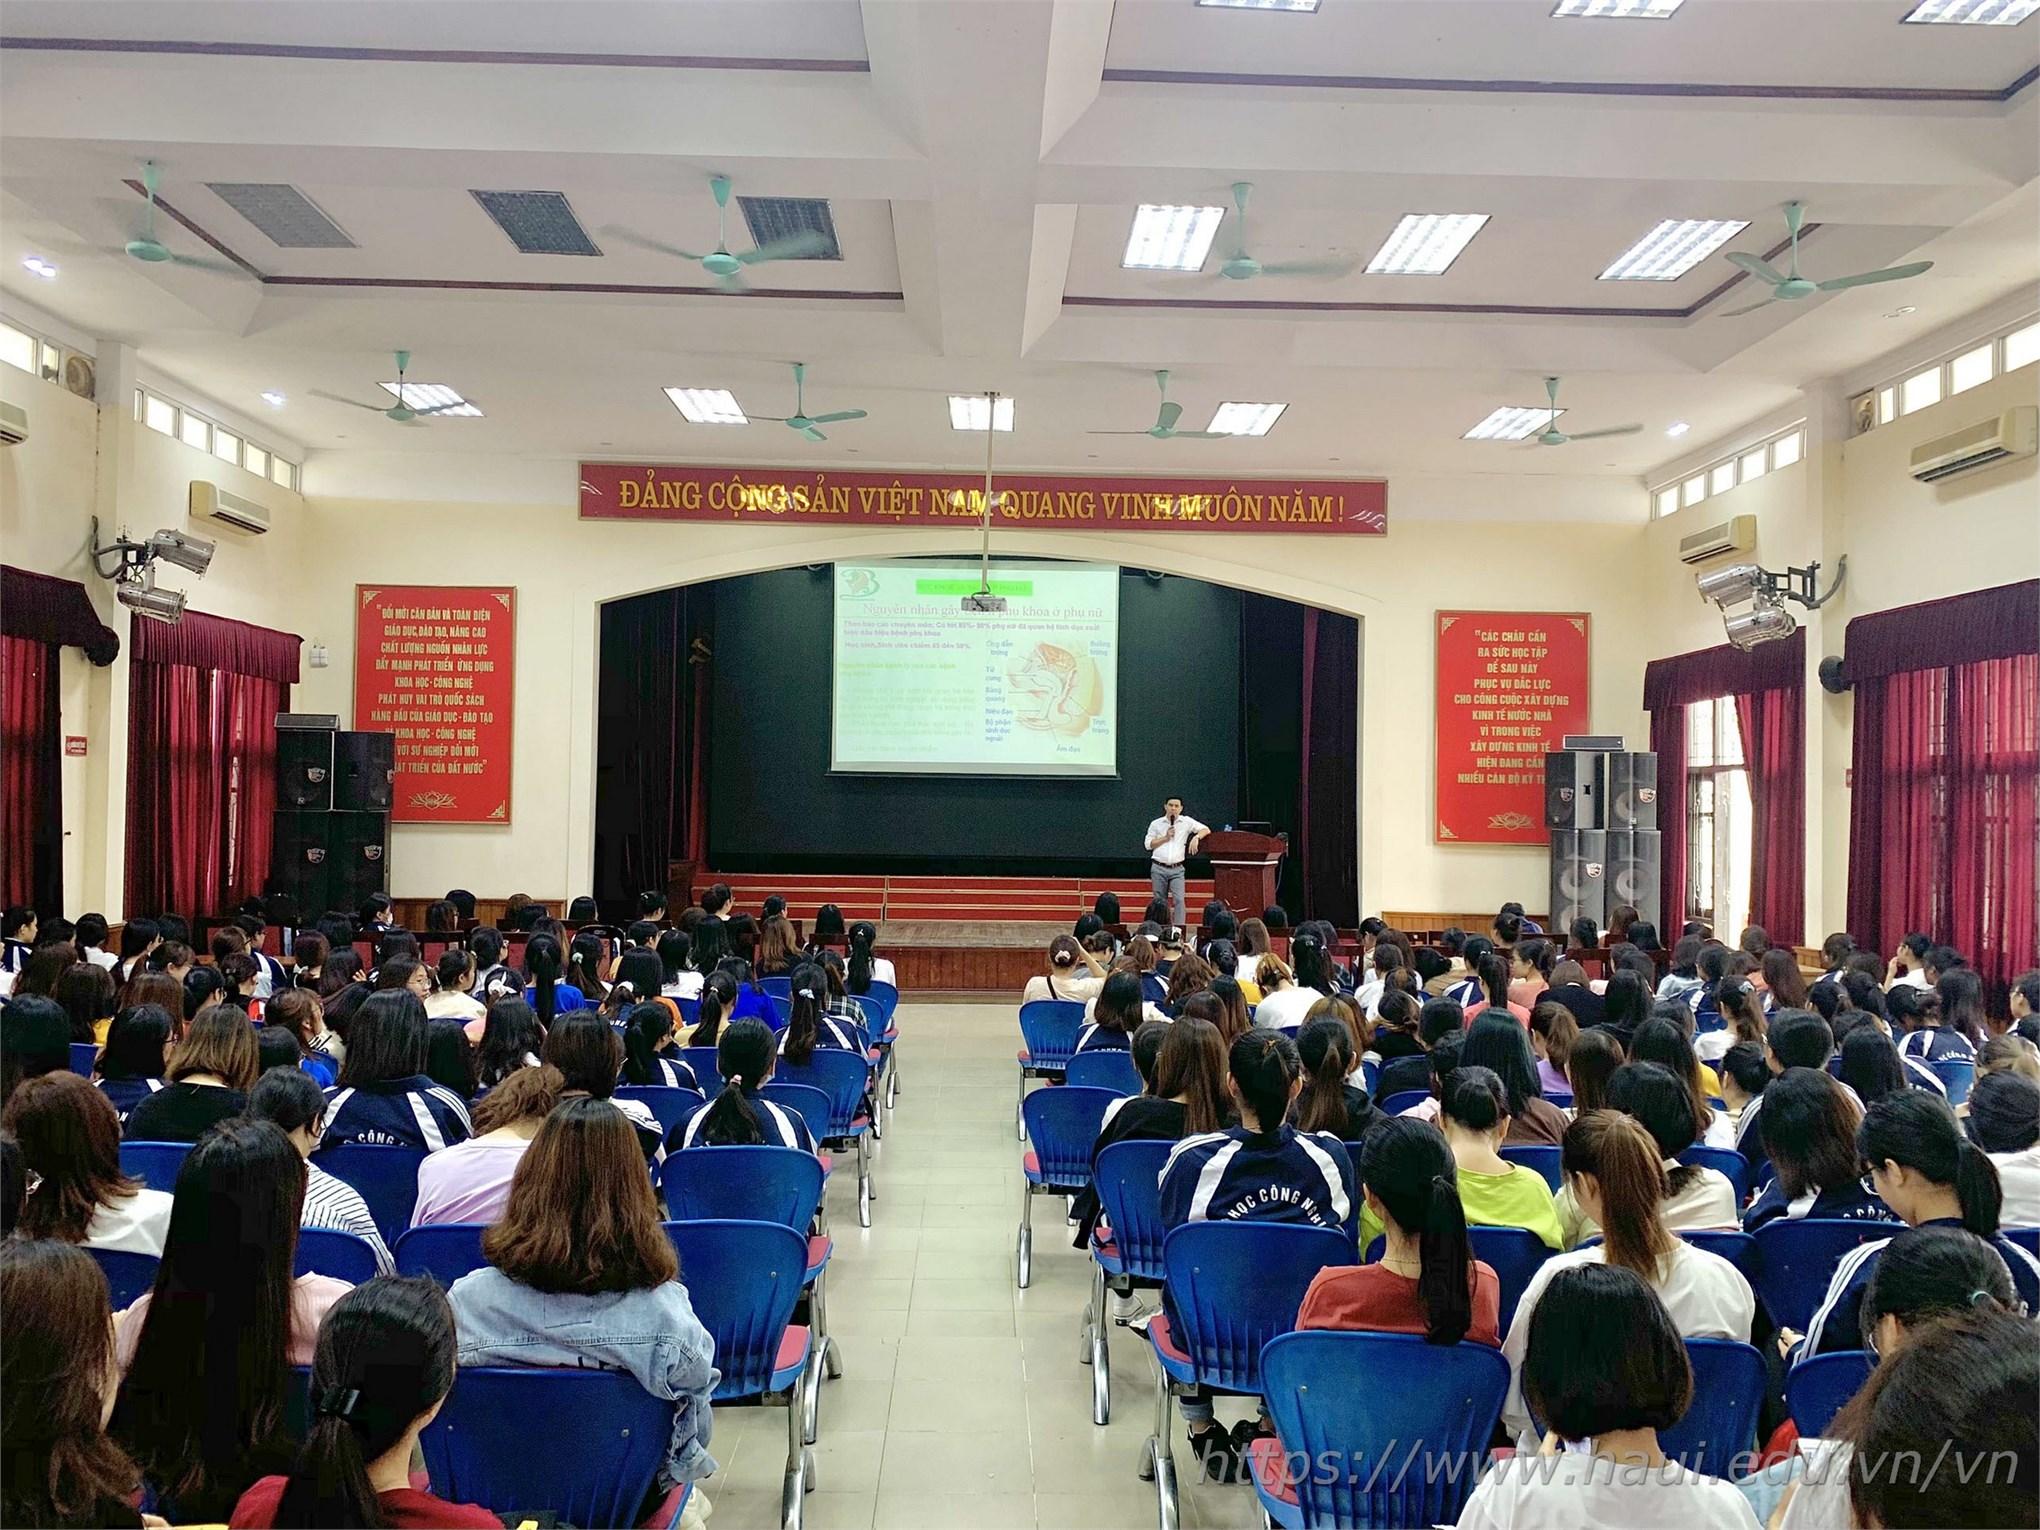 Hội trường A3 – ĐHCNHN chật kín chỗ ngồi, rất đông các bạn nữ sinh đến tham dự chương trình để lắng nghe chuyên gia chia sẻ kiến thức về sức khỏe sinh sản